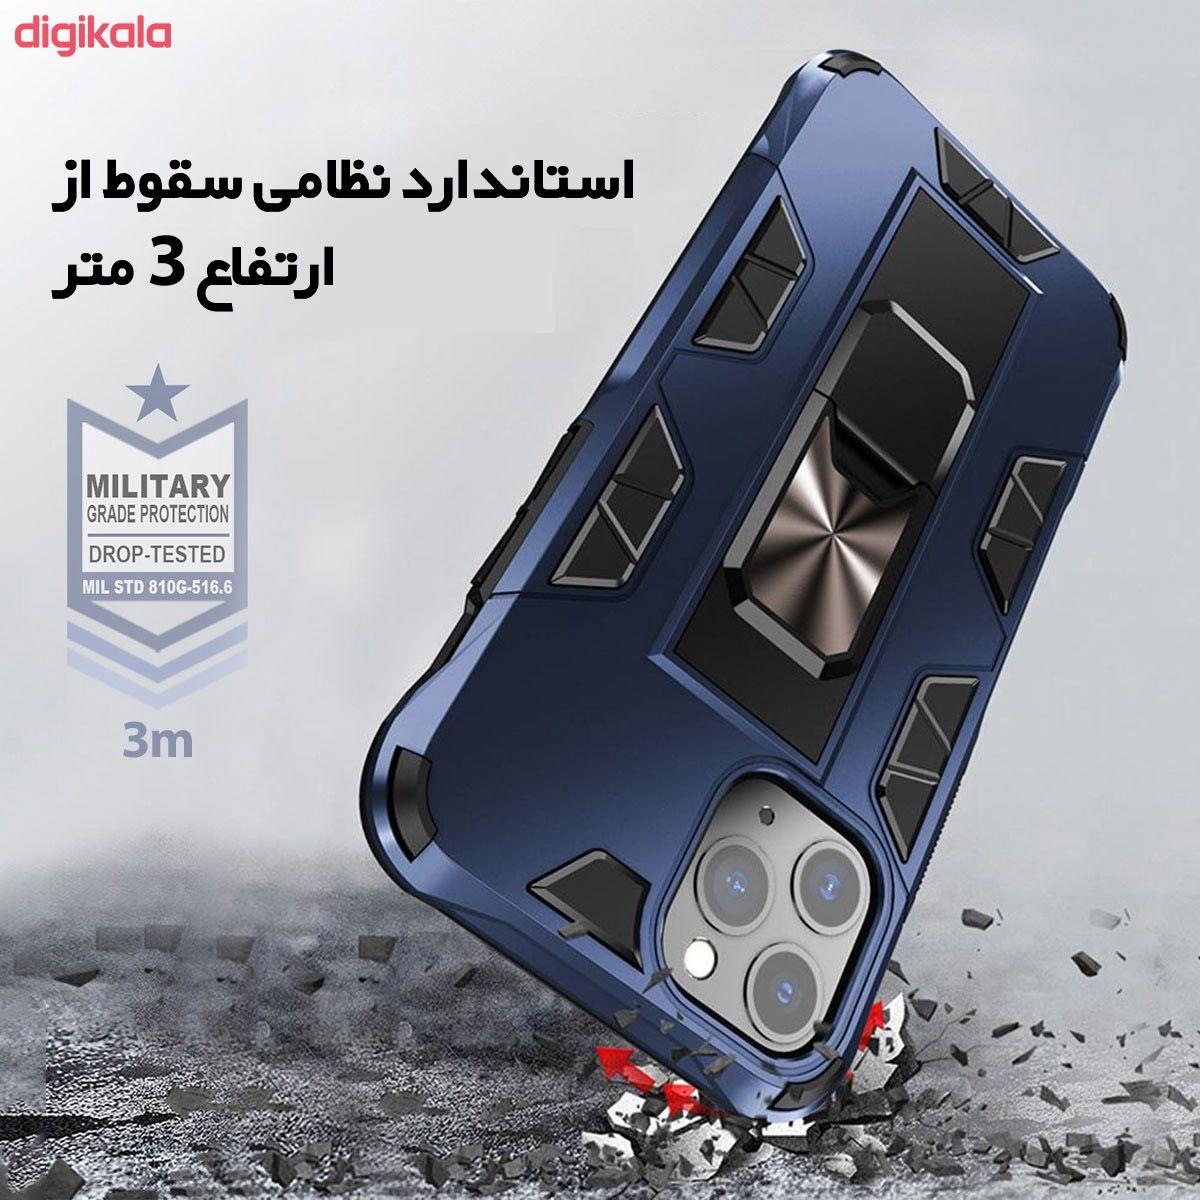 کاور لوکسار مدل Defence90s مناسب برای گوشی موبایل اپل iPhone 11 Pro main 1 3